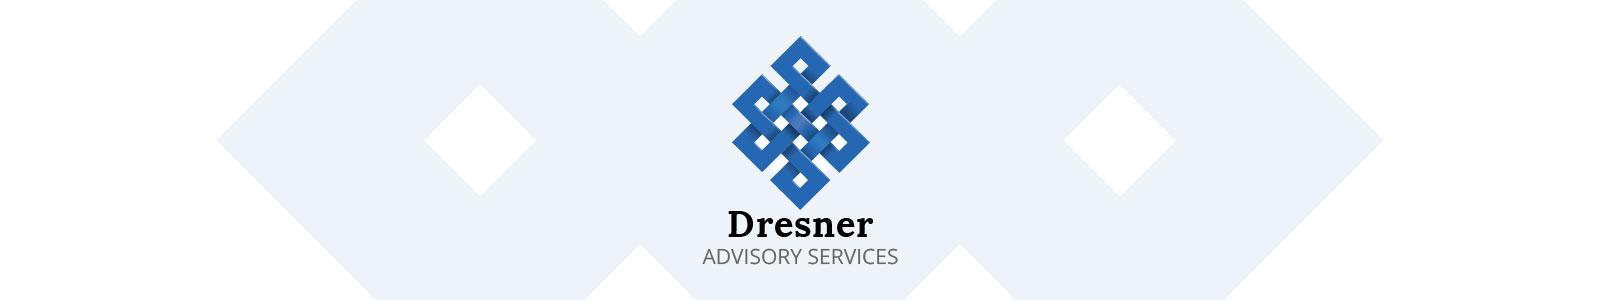 2018 BI 市場調査- Dresner Advisory